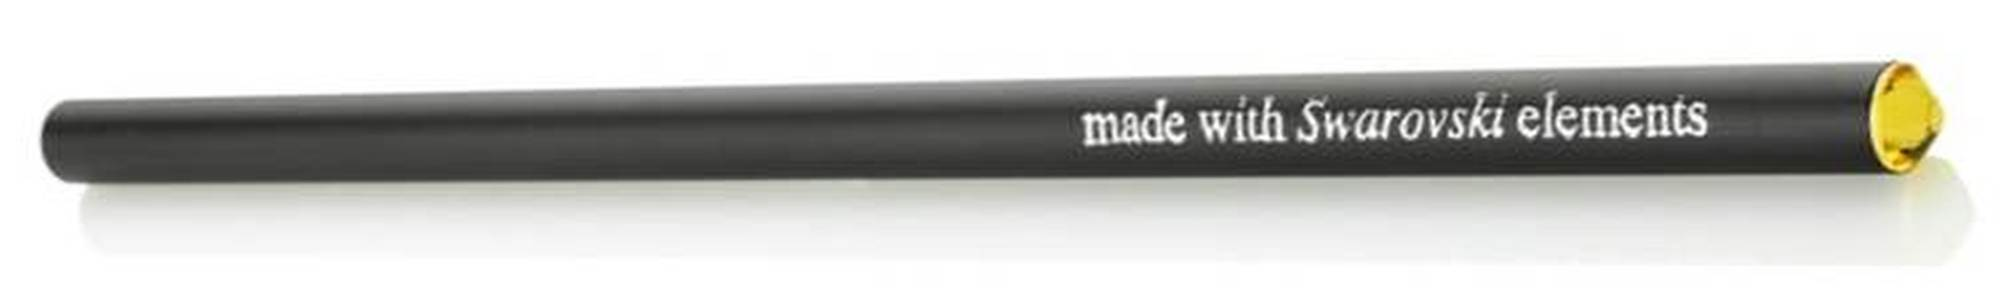 Ołówki reklamowe z kryształkiem Swarovski'ego – 19810